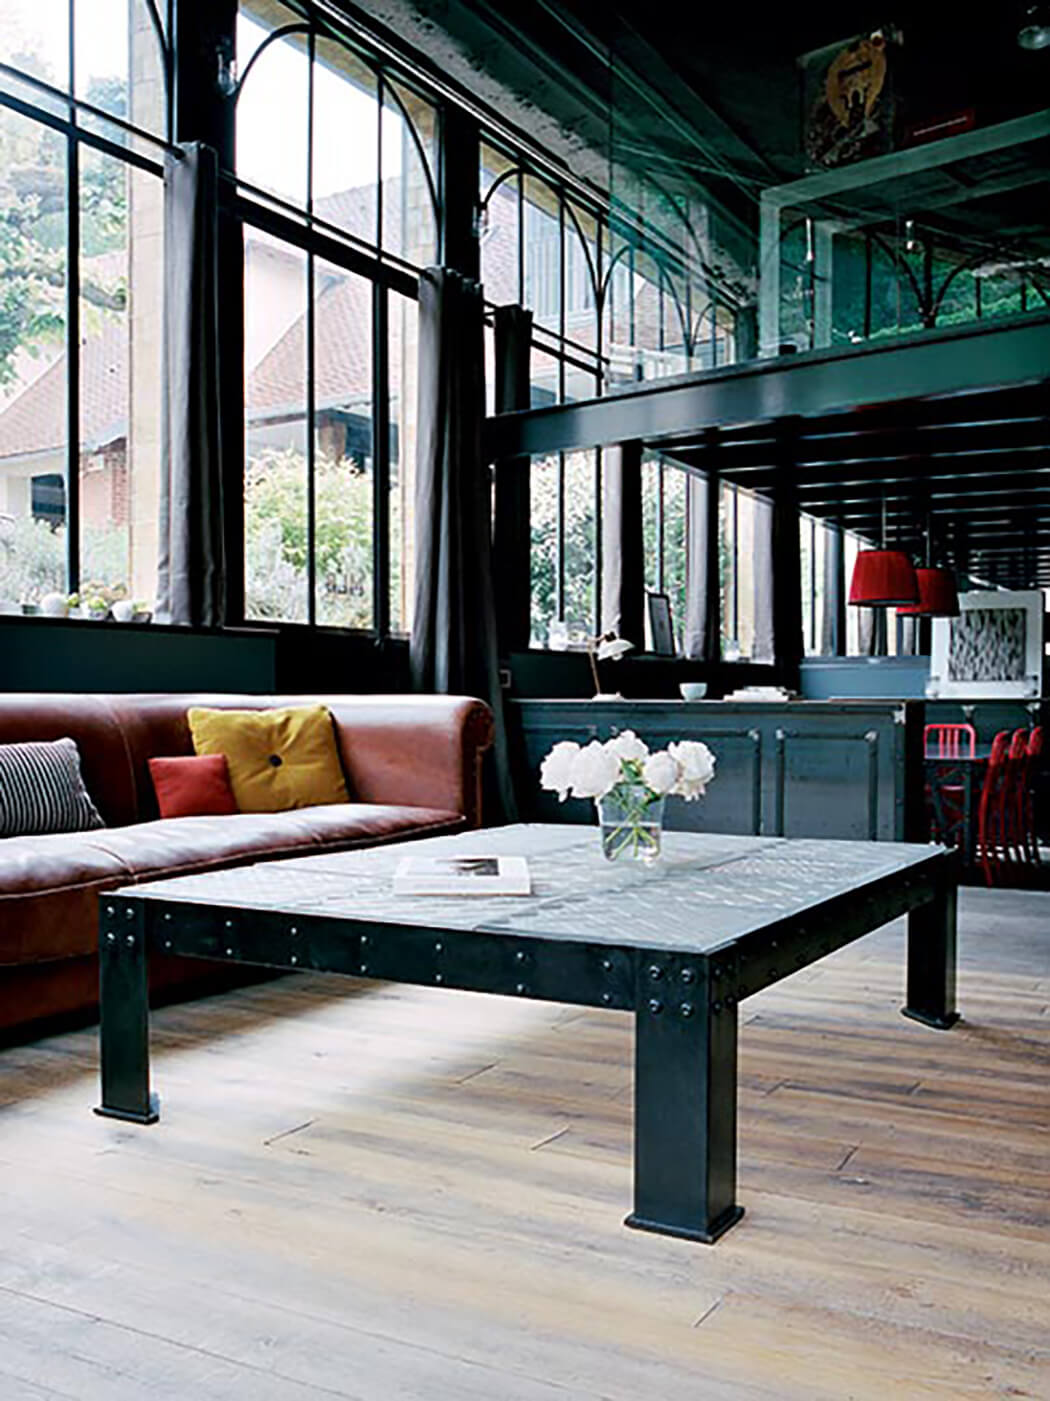 décoration haut de gamme avec des meubles métalliques rappelant l'acier dans lequel est conçu la mezzanine